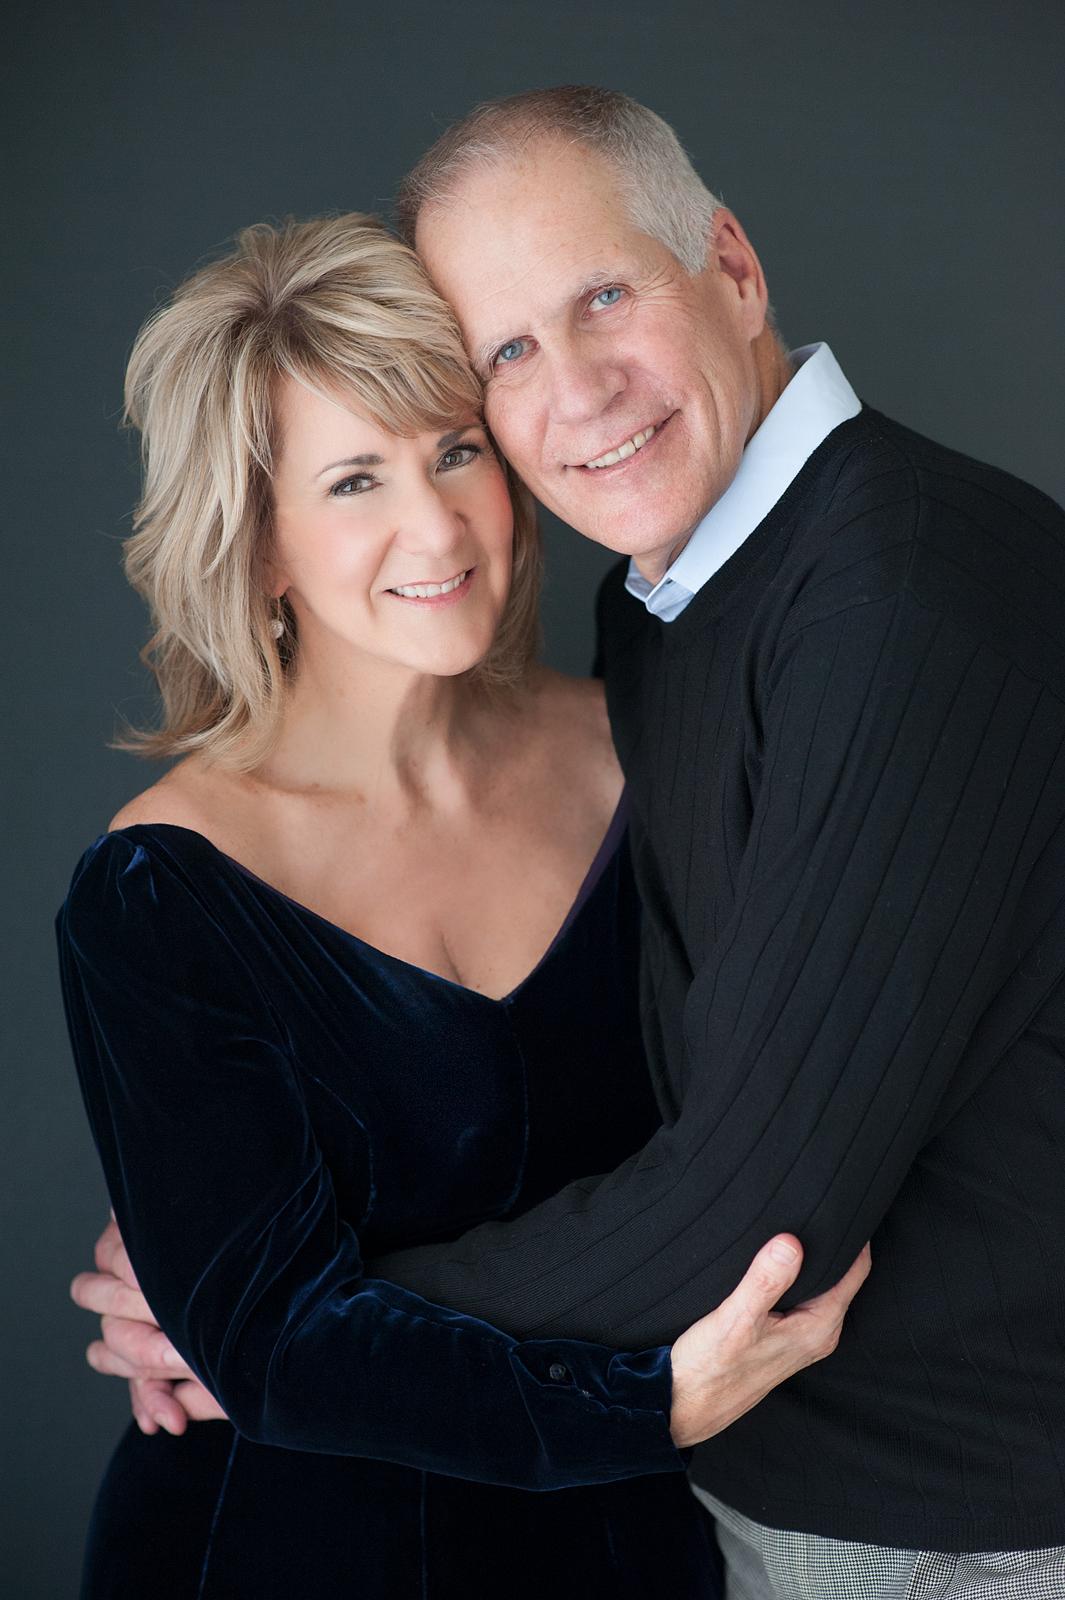 05-tender-couple-loving-embrace.jpg